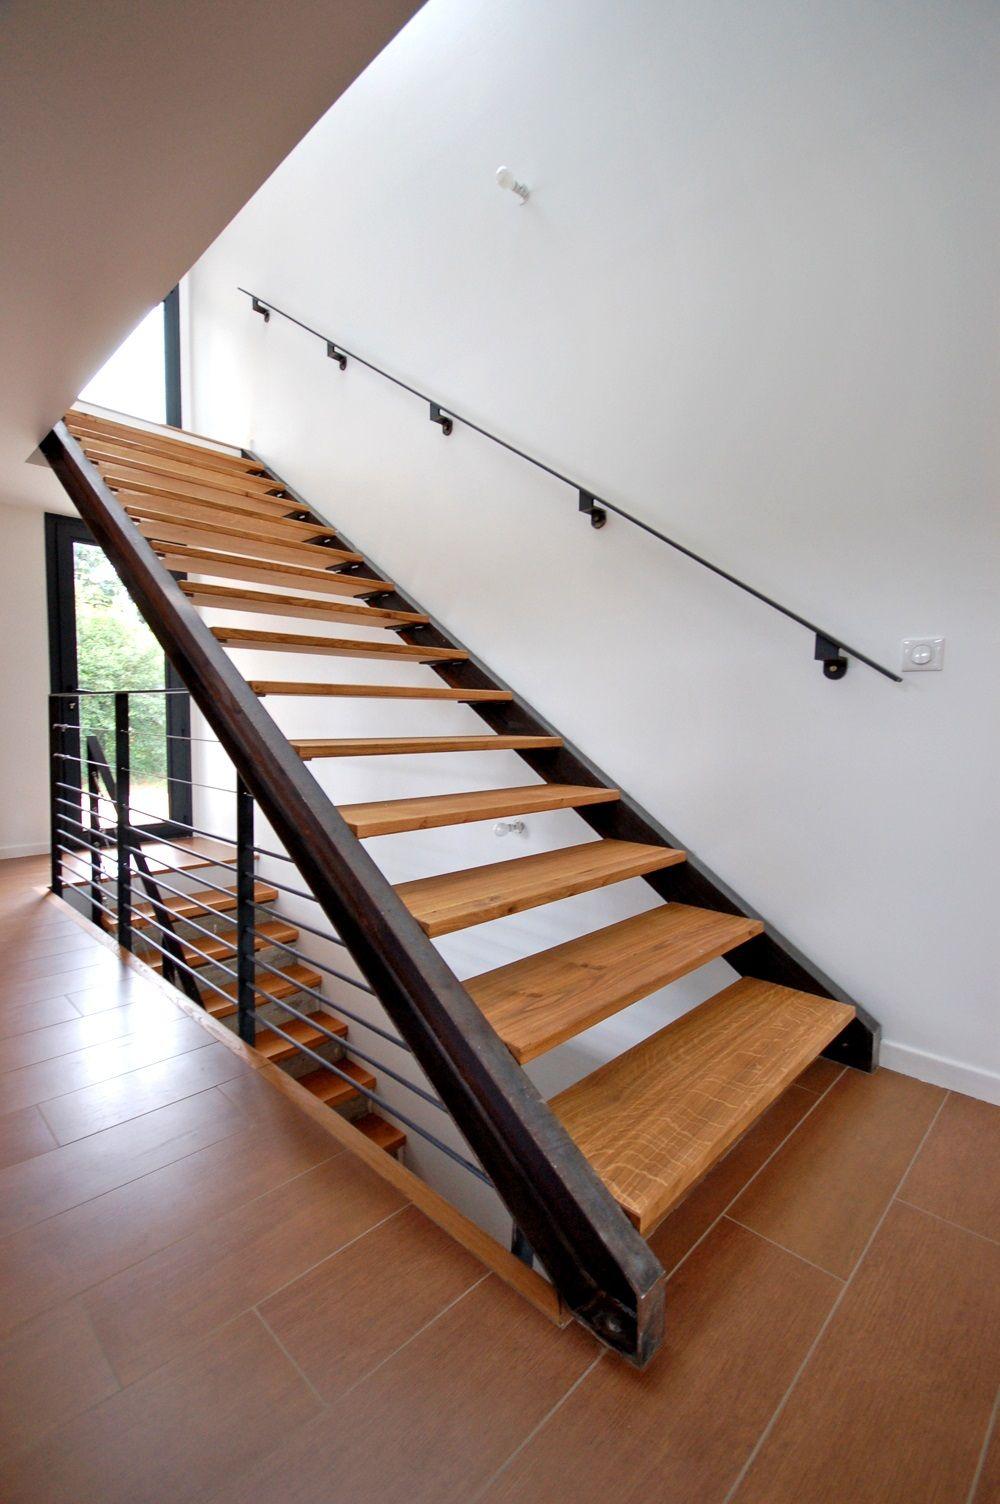 Escalier Droit Sans Rampe intérieur escalier double limons droit à lyon - kozac | escalier | pinterest